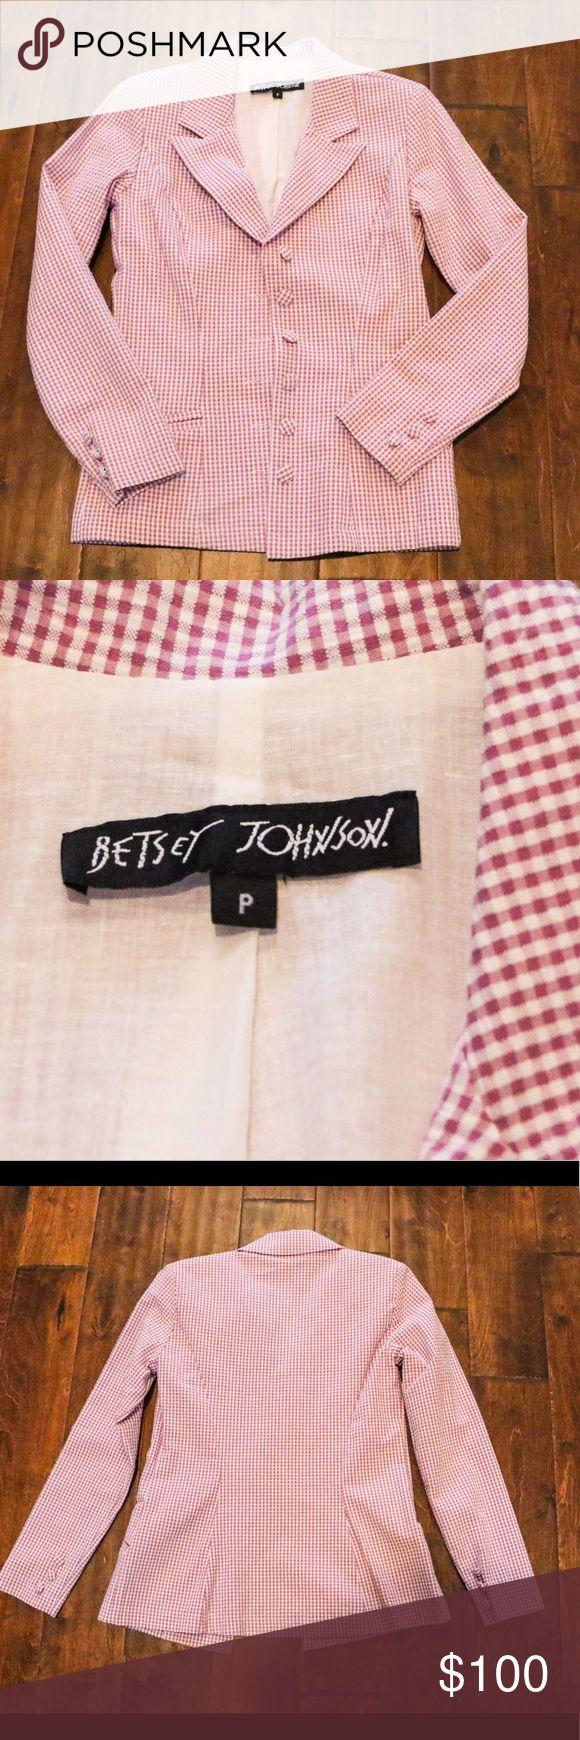 BETSEY JOHNSON Seersucker blazer sz P/S Betsey Johnson Seersucker purple gingham blazer/jacket  Sz P/S. Immaculate condition Betsey Johnson Jackets & Coats Blazers